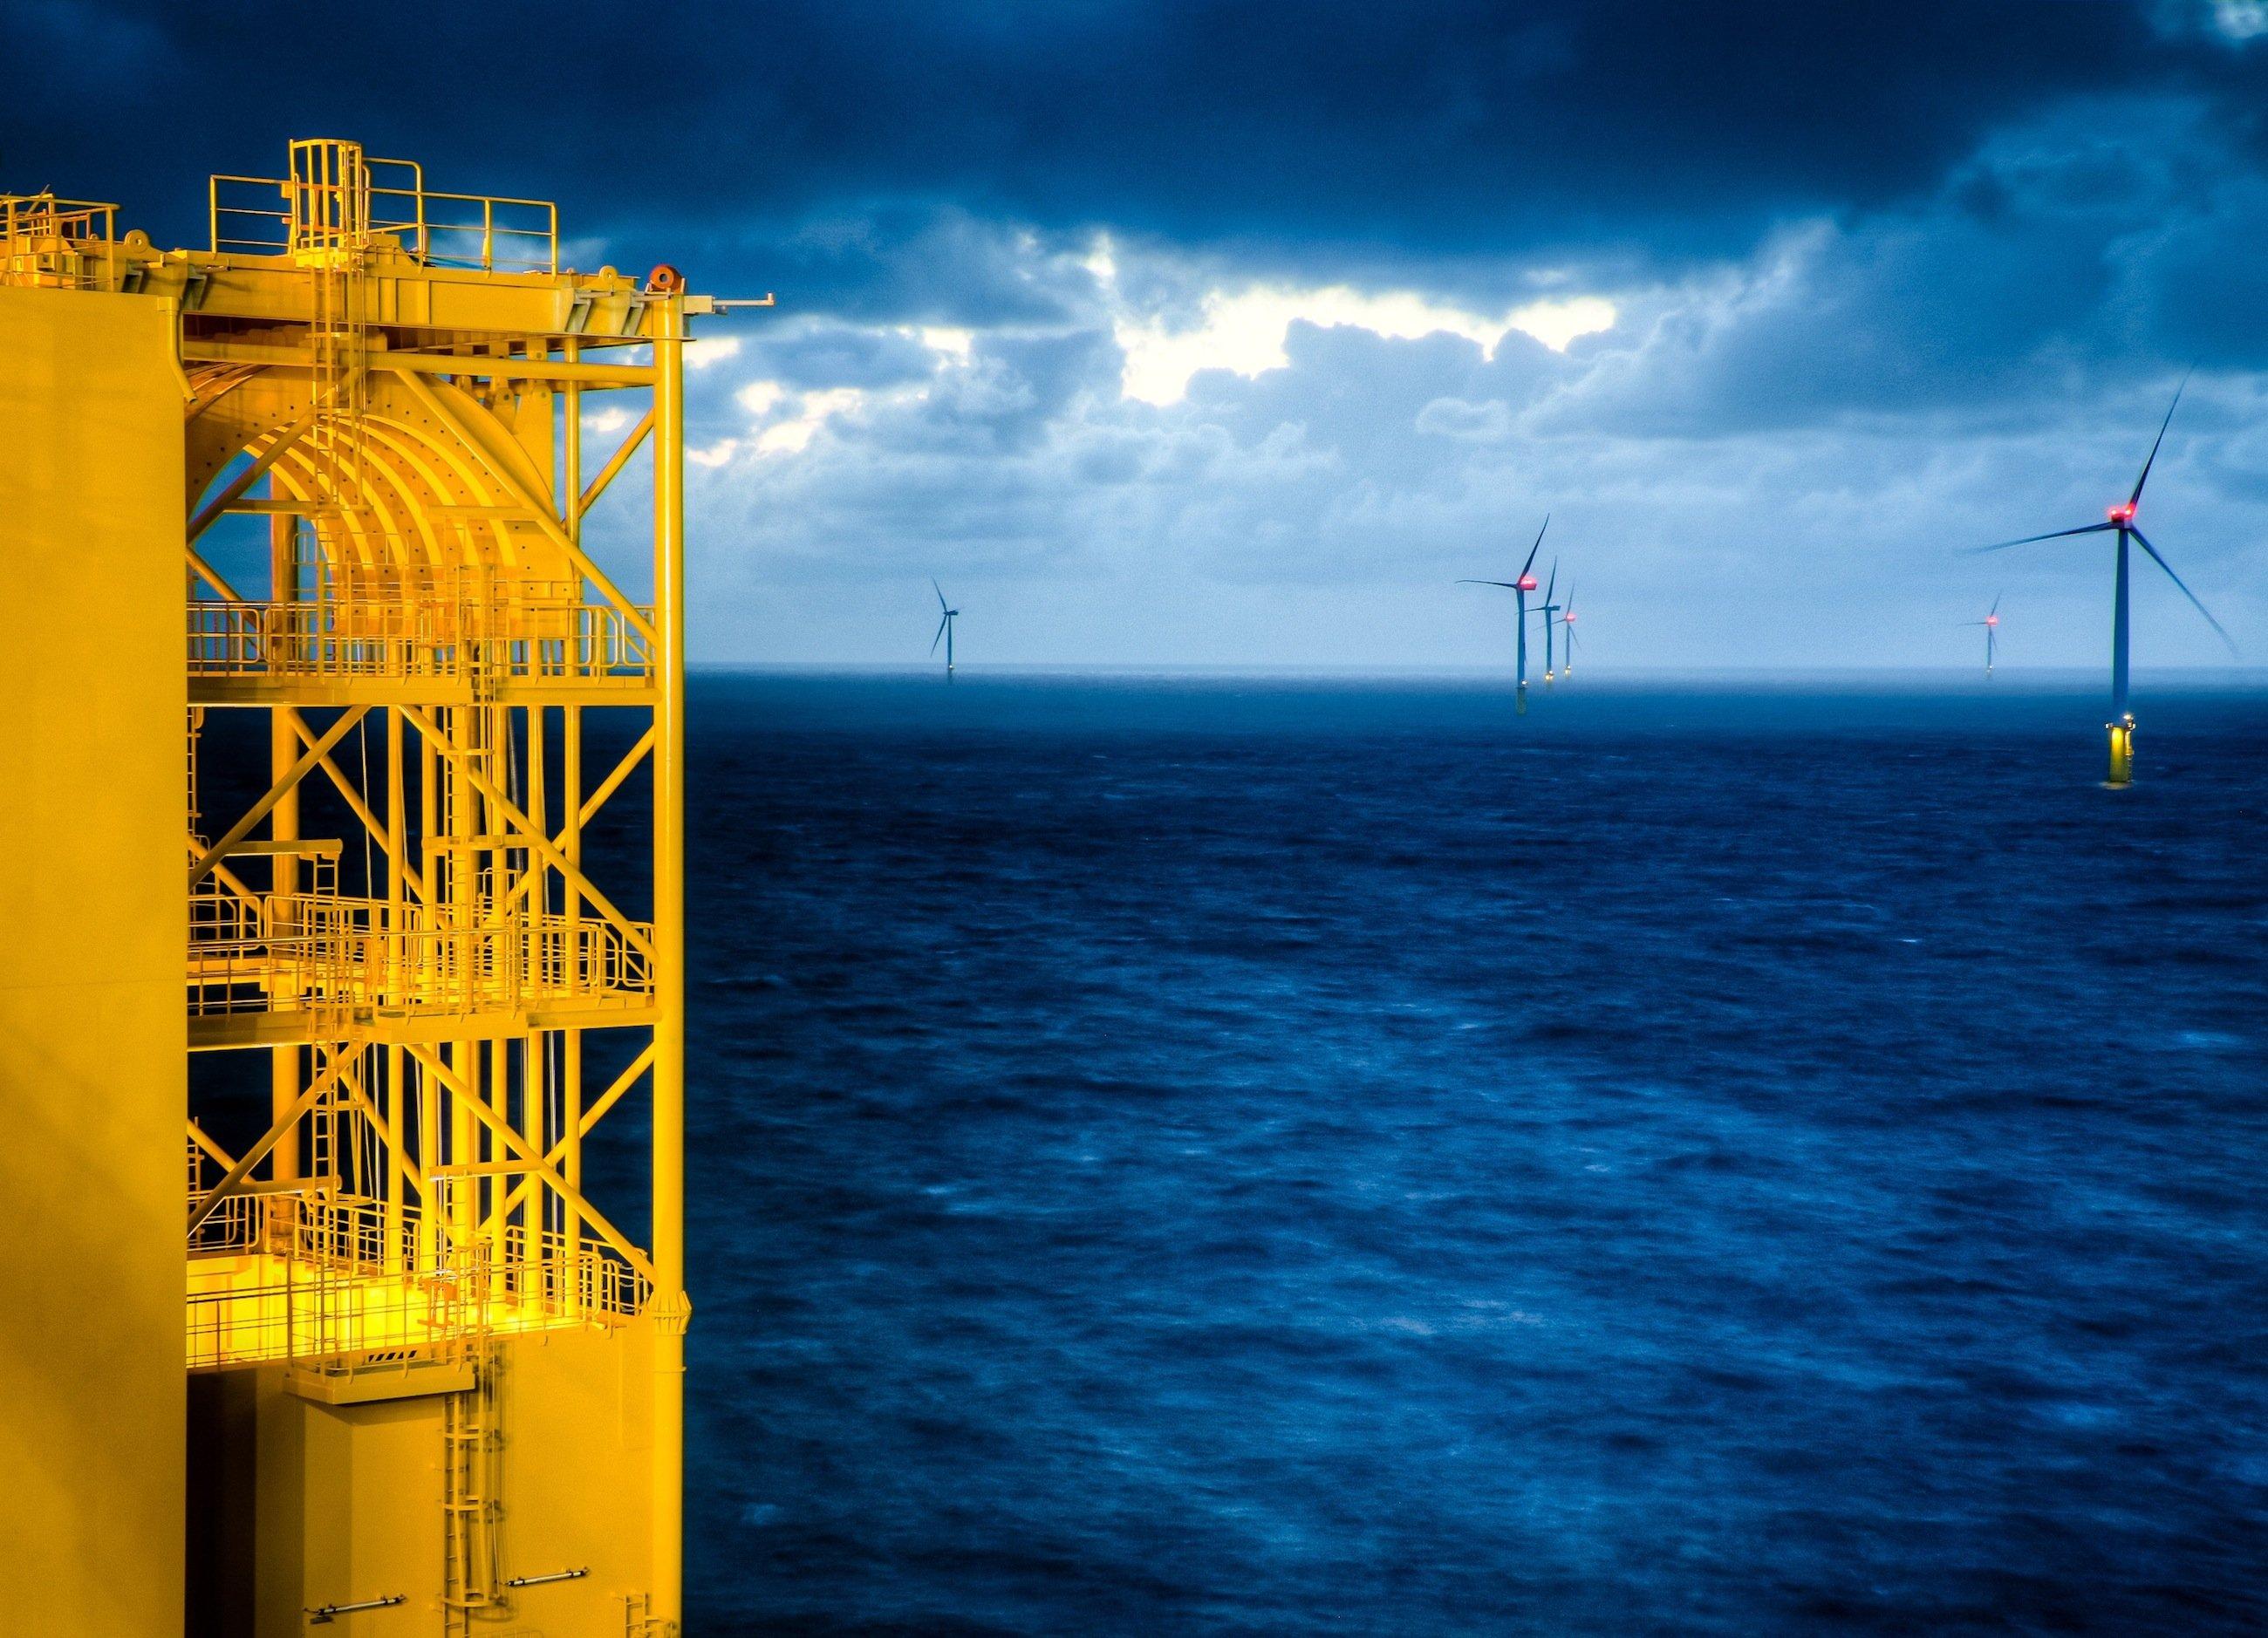 Über die Netzanbindung SylWin1 70 km westlich von Sylt wird der Strom der drei Windparks Butendiek, Dan Tysk und Sandbank ans Festland gebracht. Die 232 Siemens-Windturbinen werden künftig Strom zur Versorgung von über einer Million Haushalte liefern.